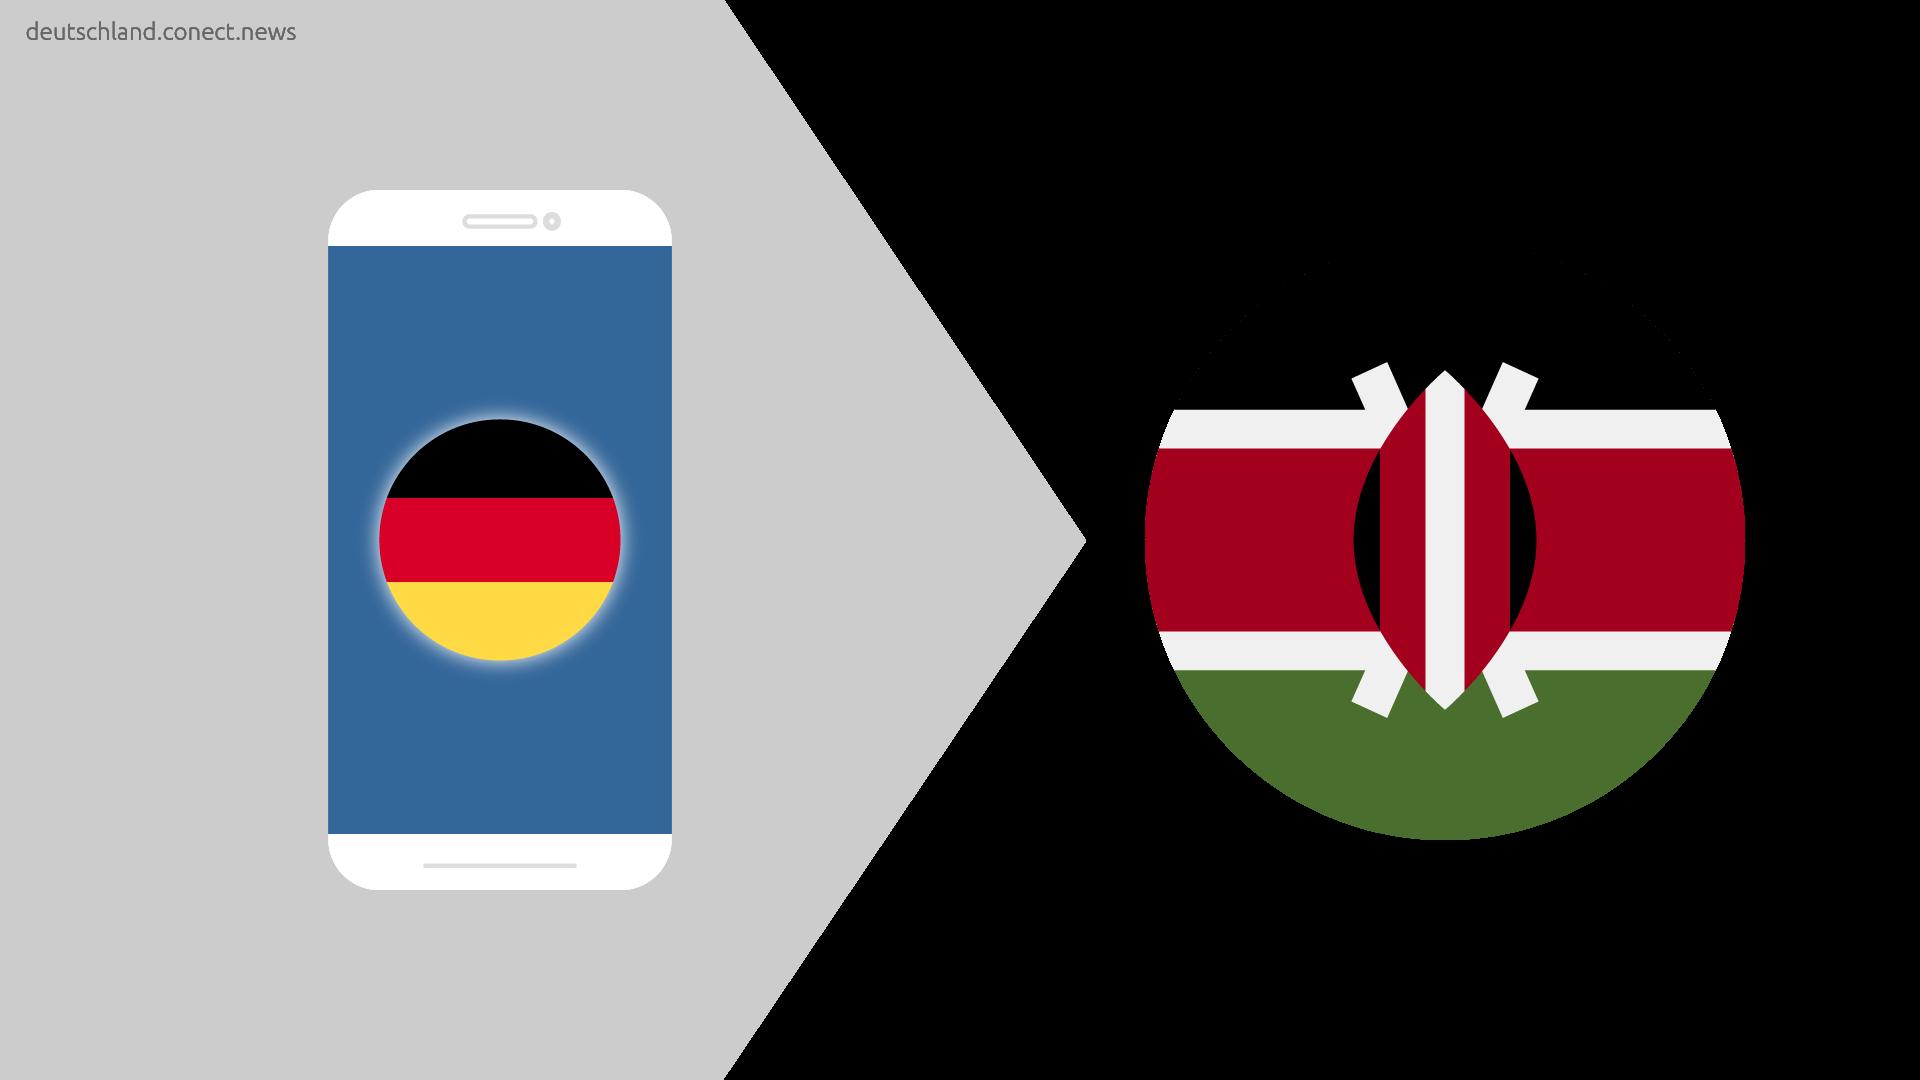 Günstiger von Deutschland nach Kenia  @conetc_news